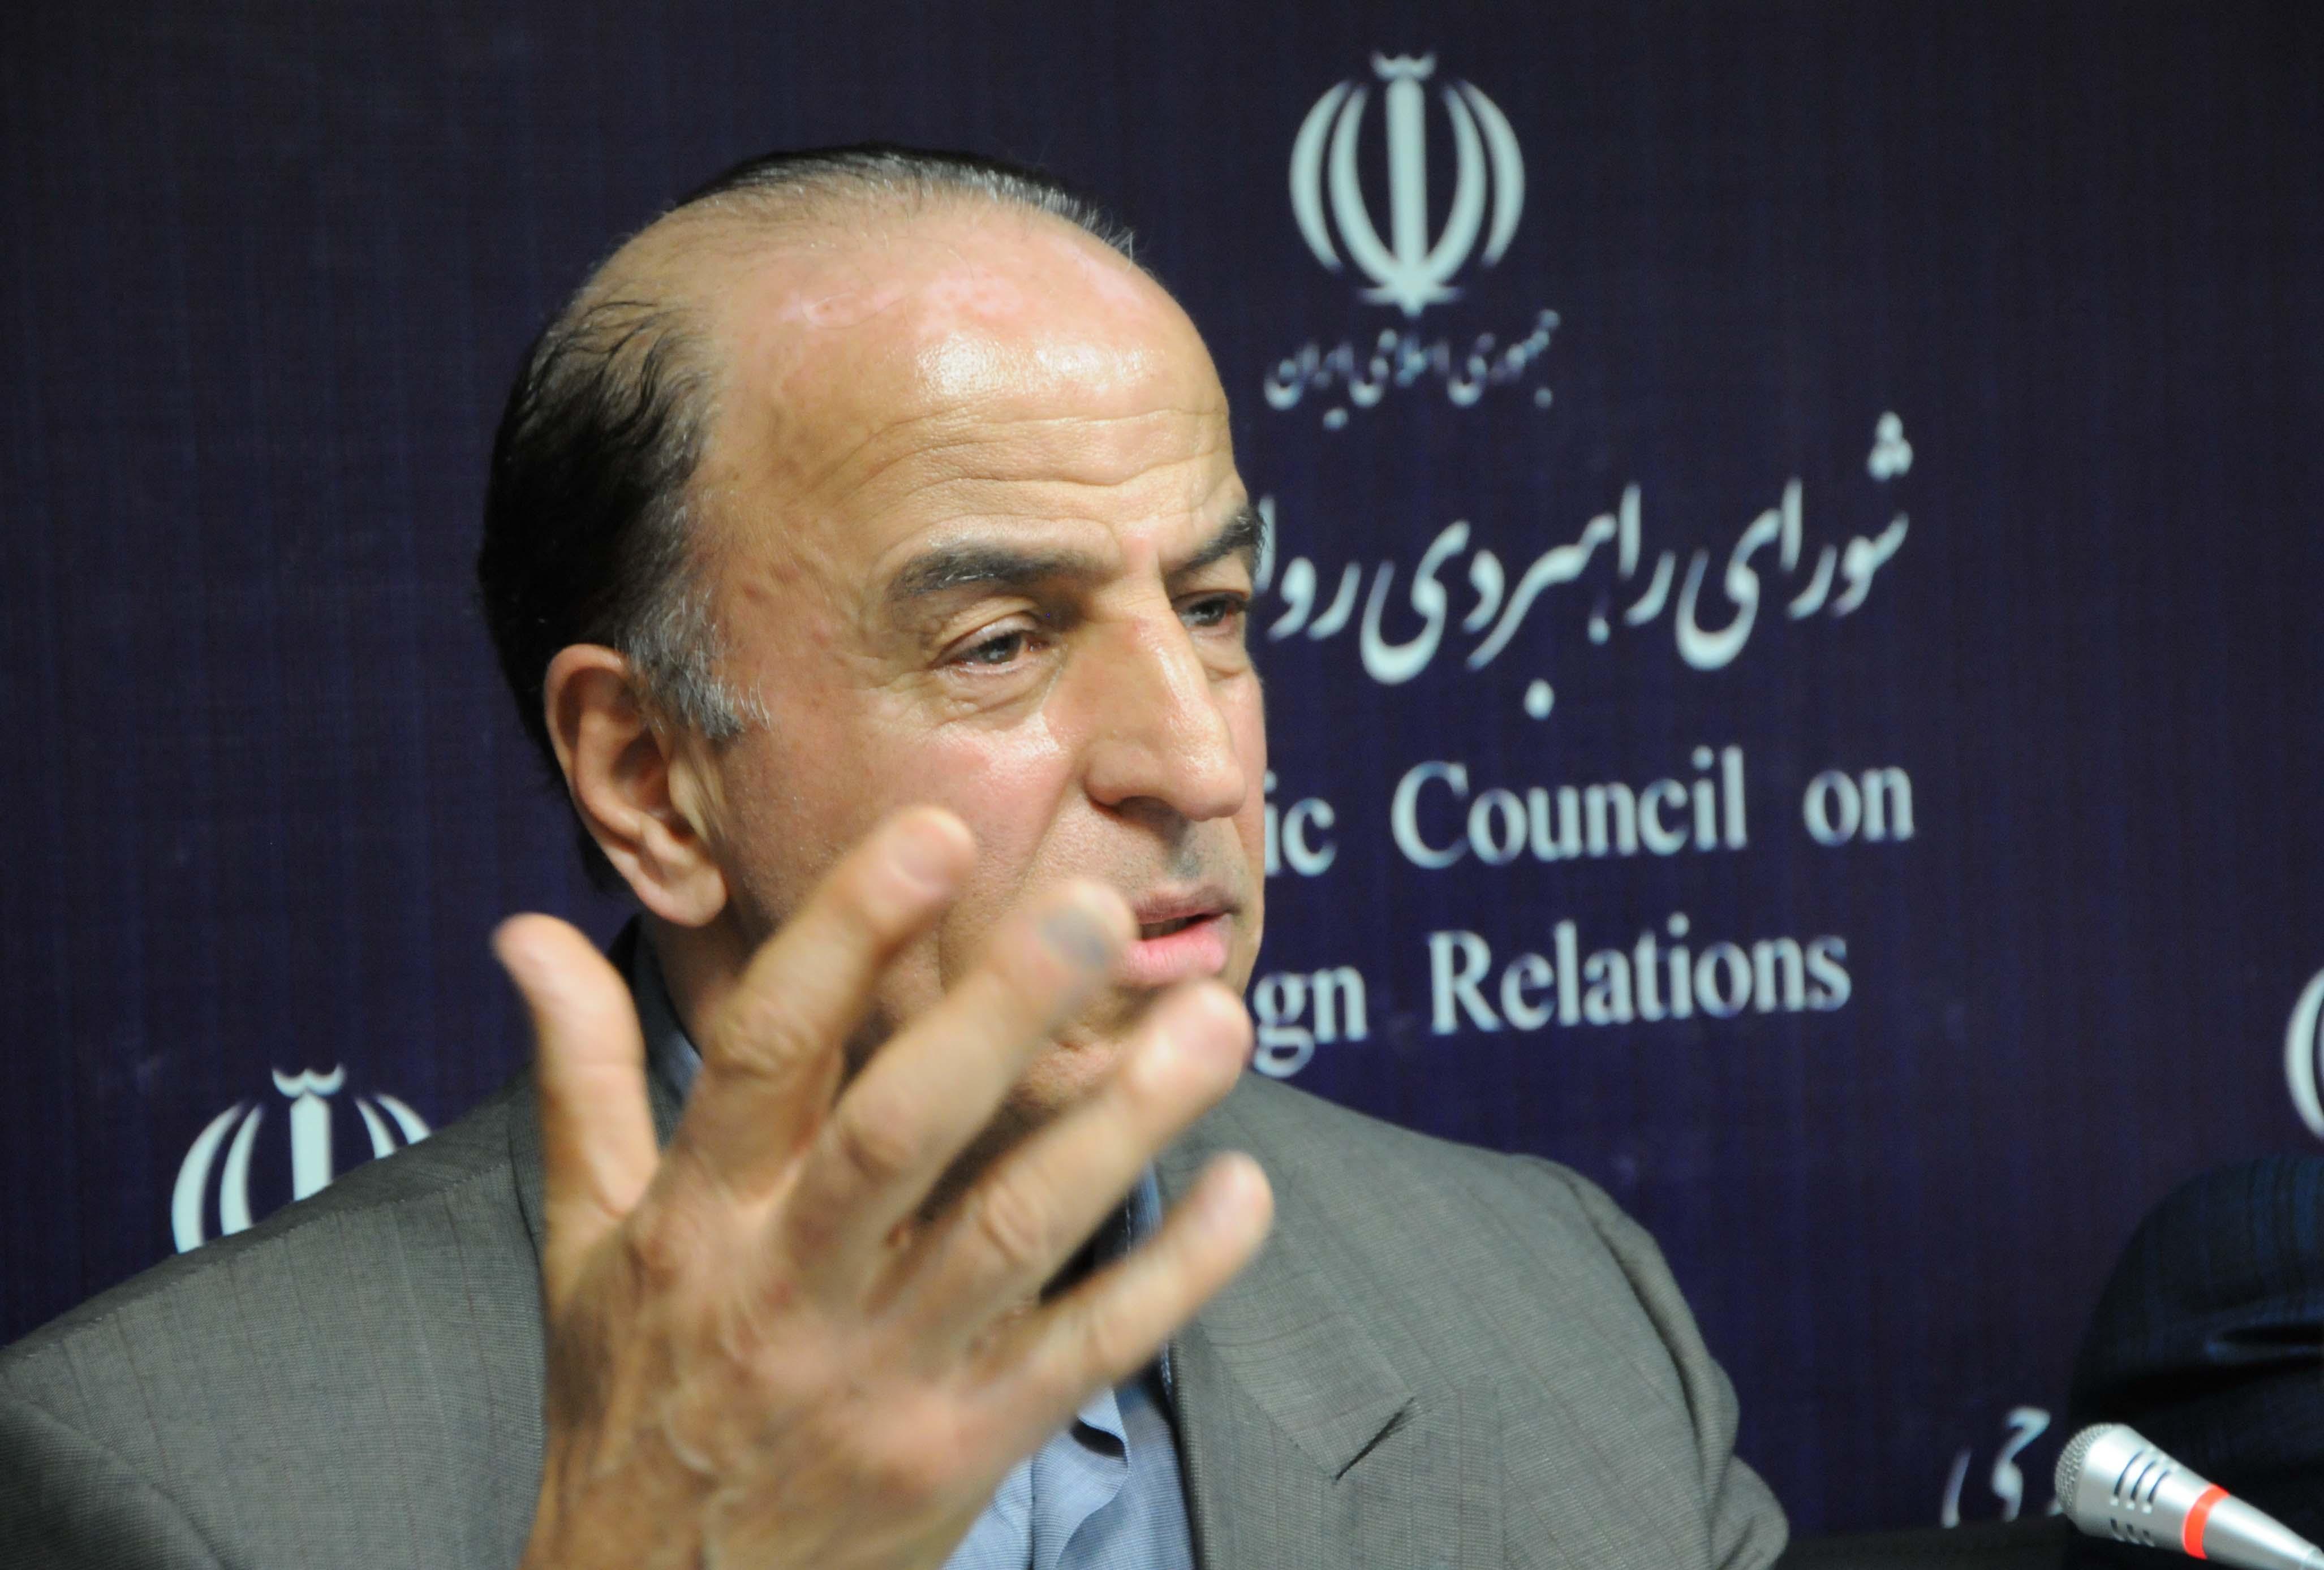 دکتر حسین دهشیار، استاد دانشگاه علامه طباطبایی